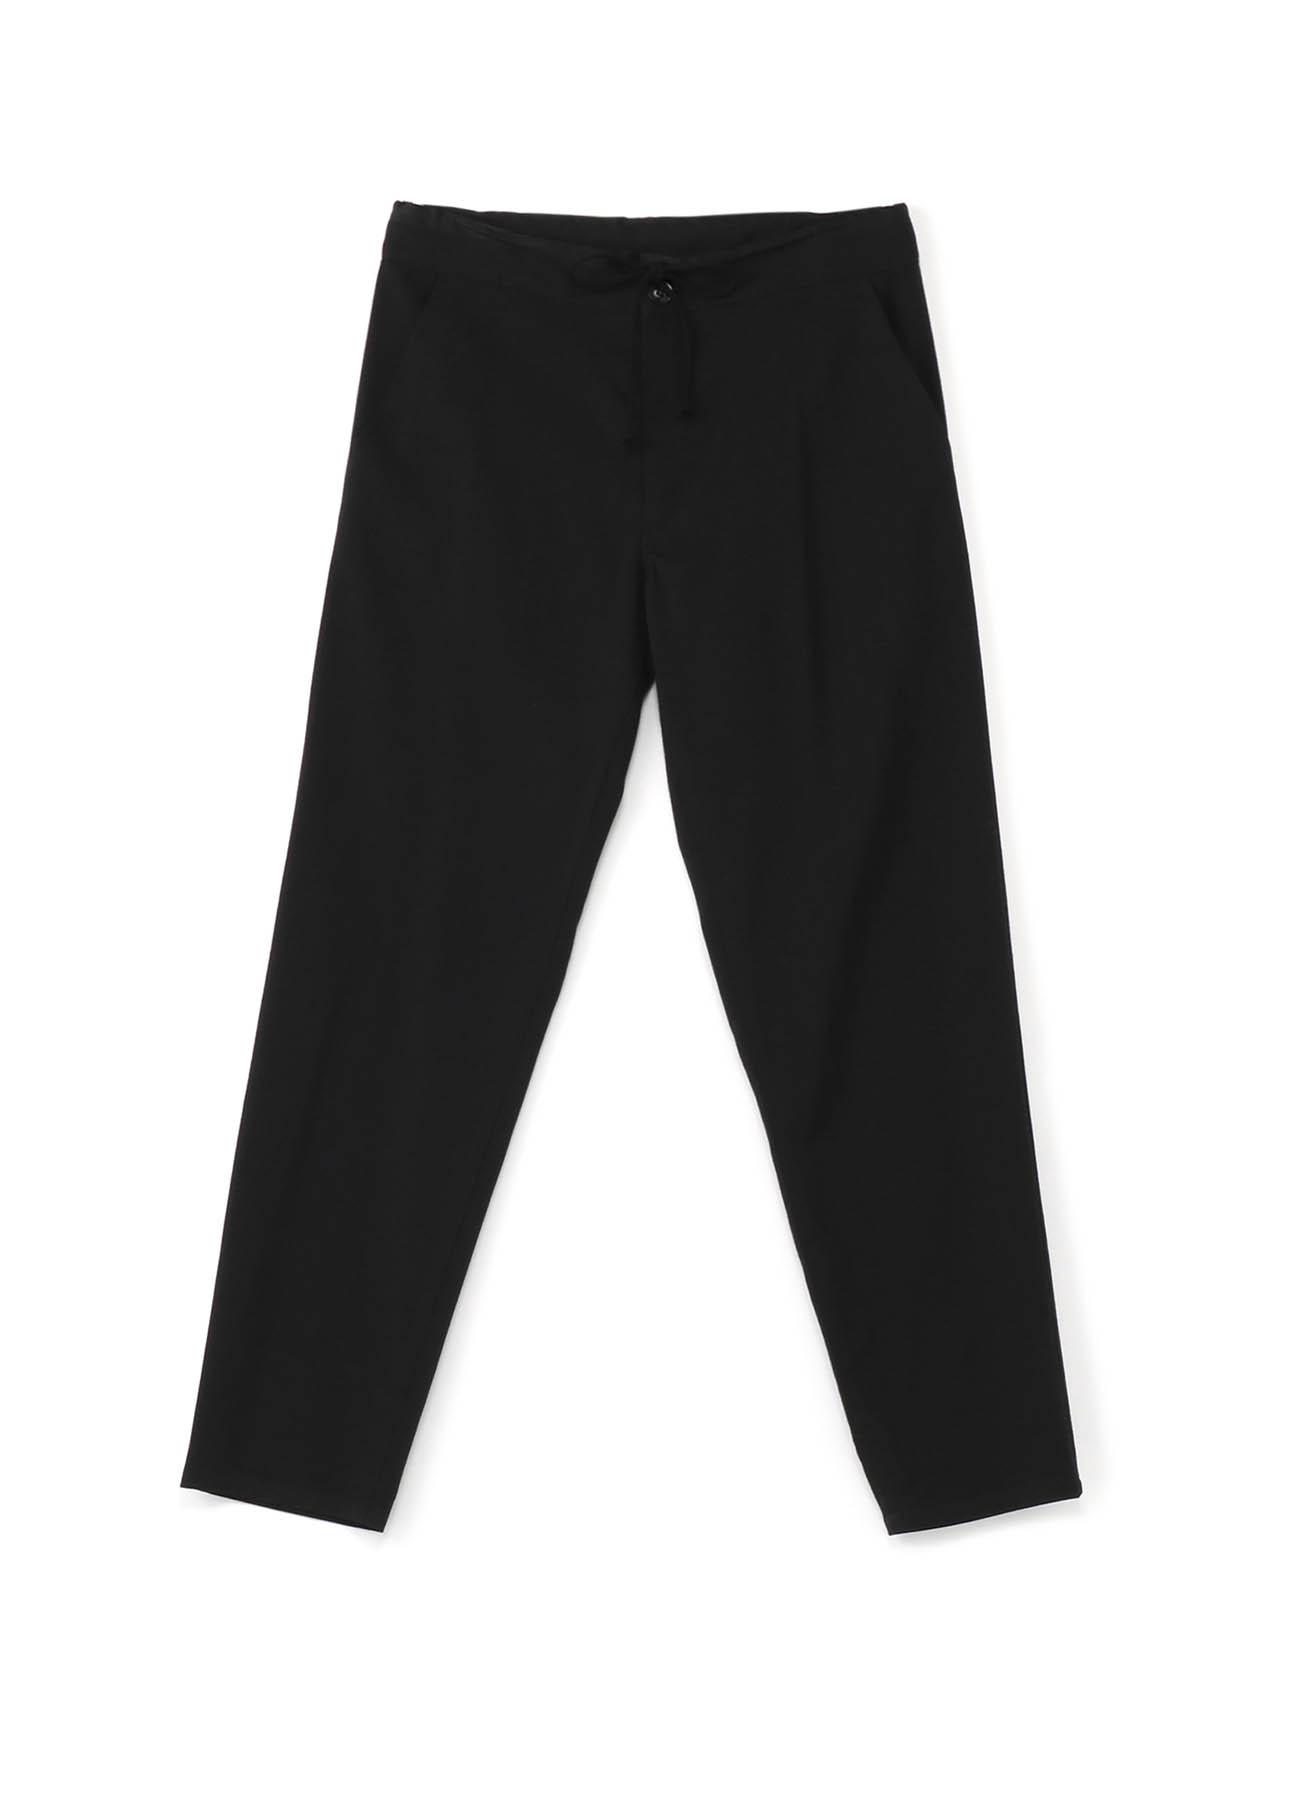 羊毛莫代尔斜纹腰围裤